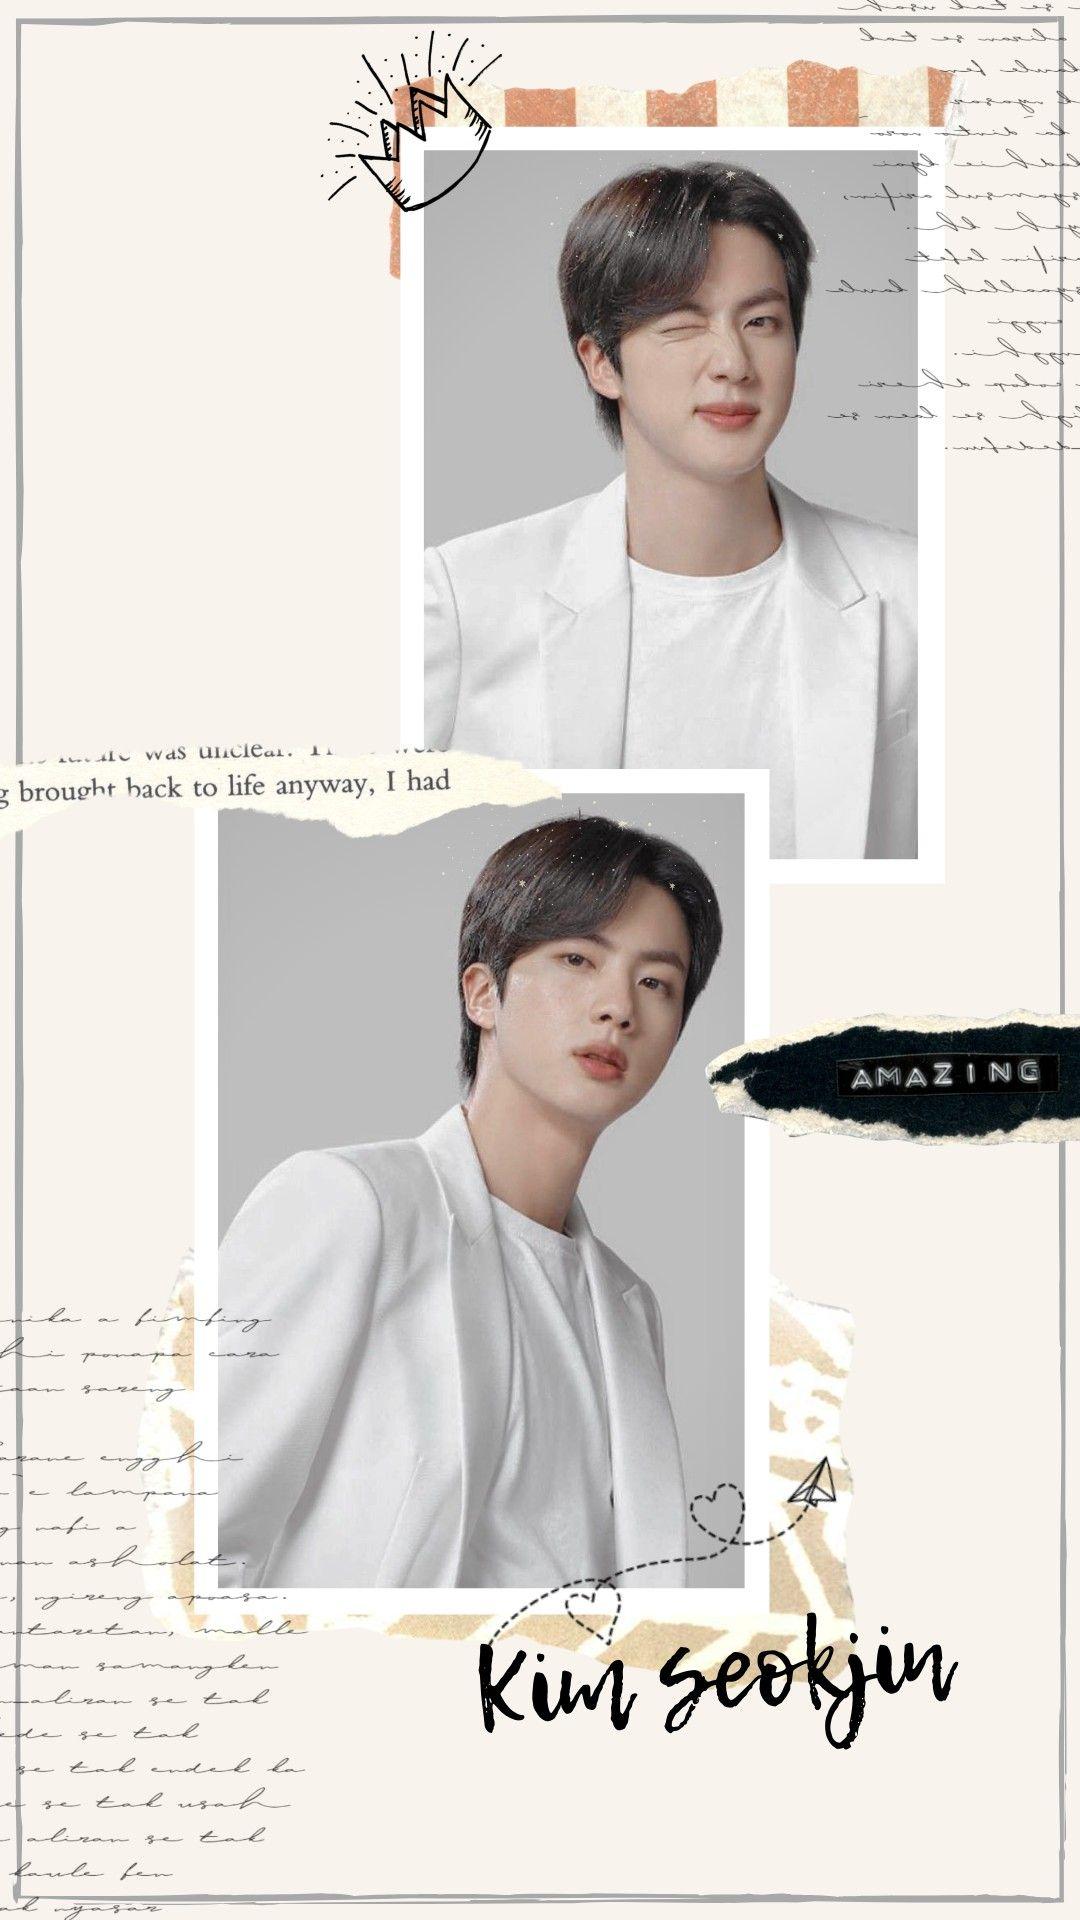 Kim Seok Jin Wallpaper Bts Bangtan Seokjin Bts Kim Seokjin Bts Jin